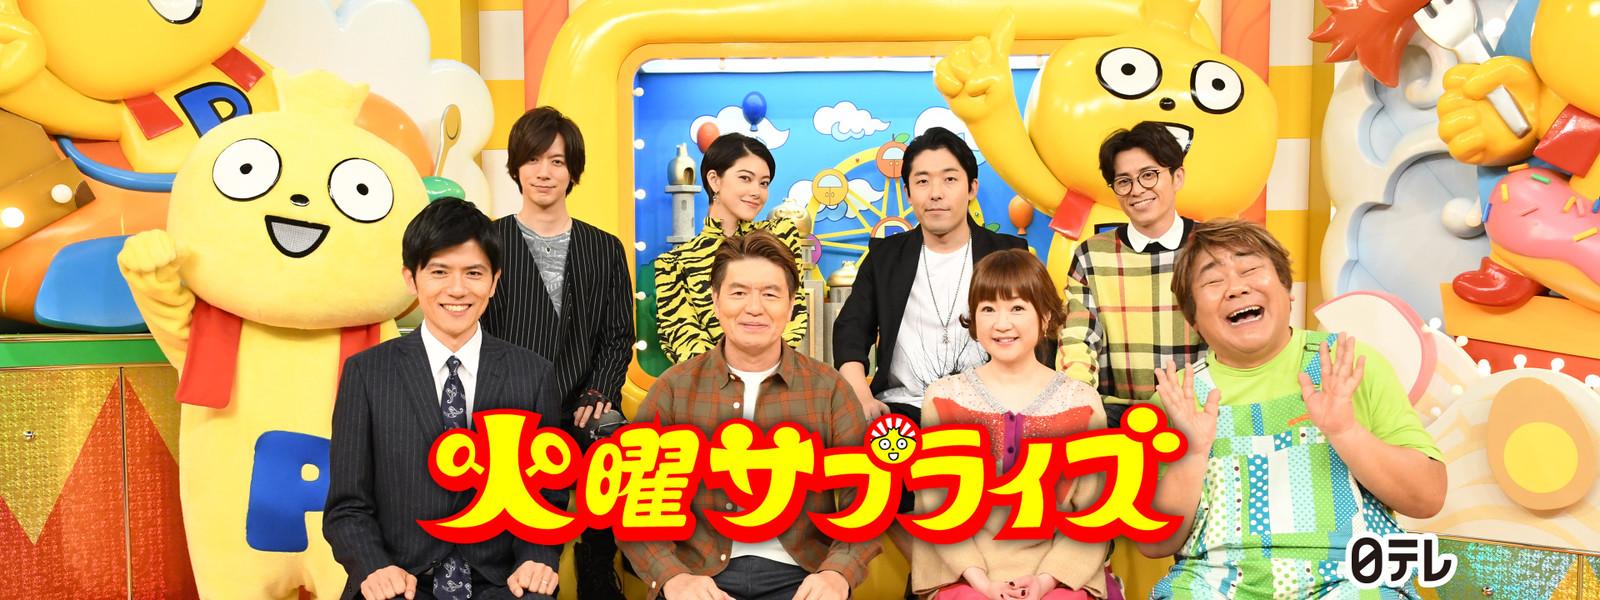 火曜サプライズ平野紫耀と中島健人が訪問した高円寺アポなし旅のお店を紹介!